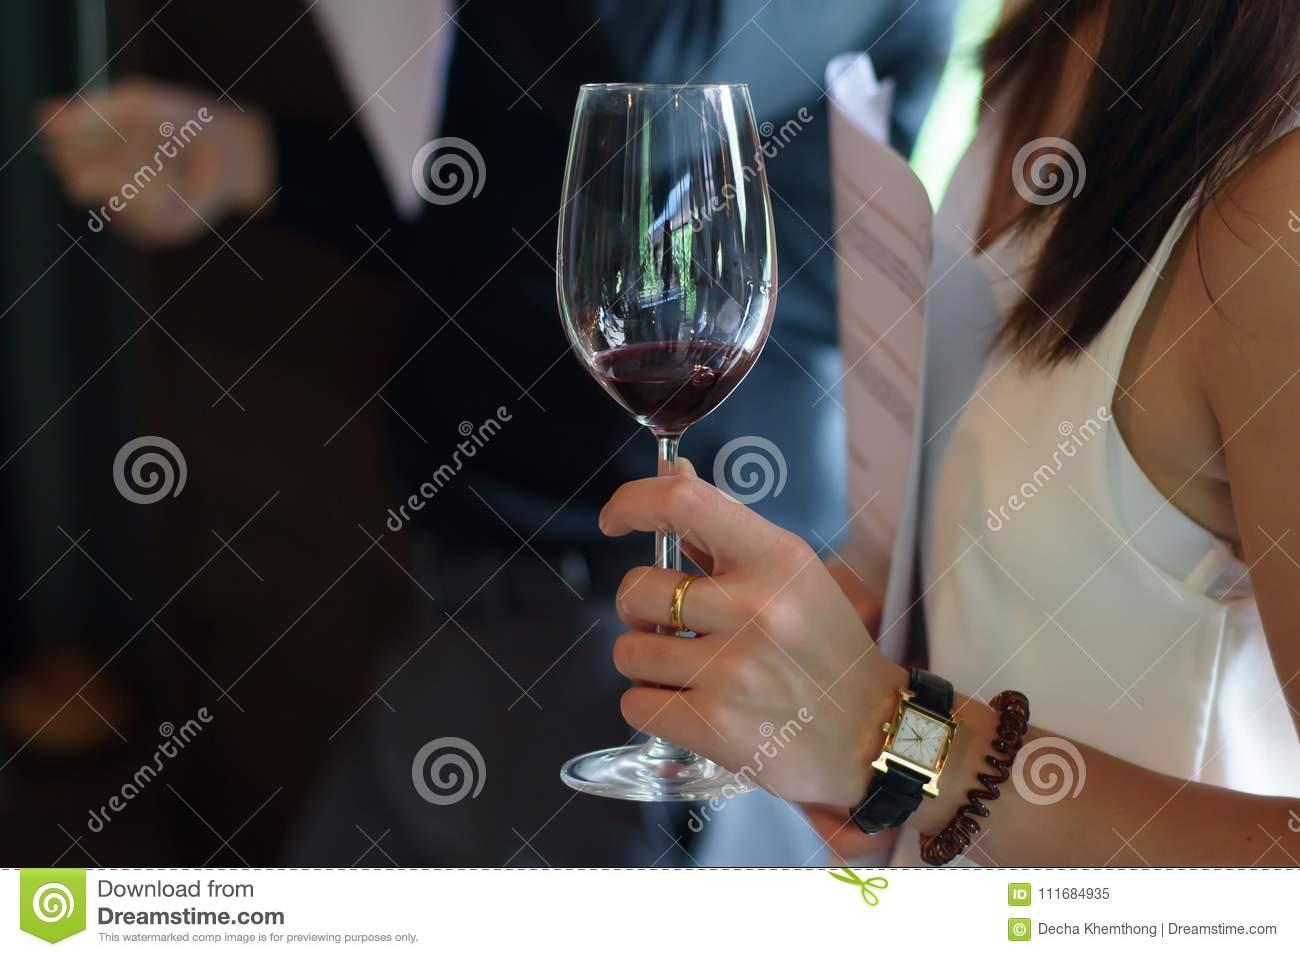 Как правильно держать бокал?